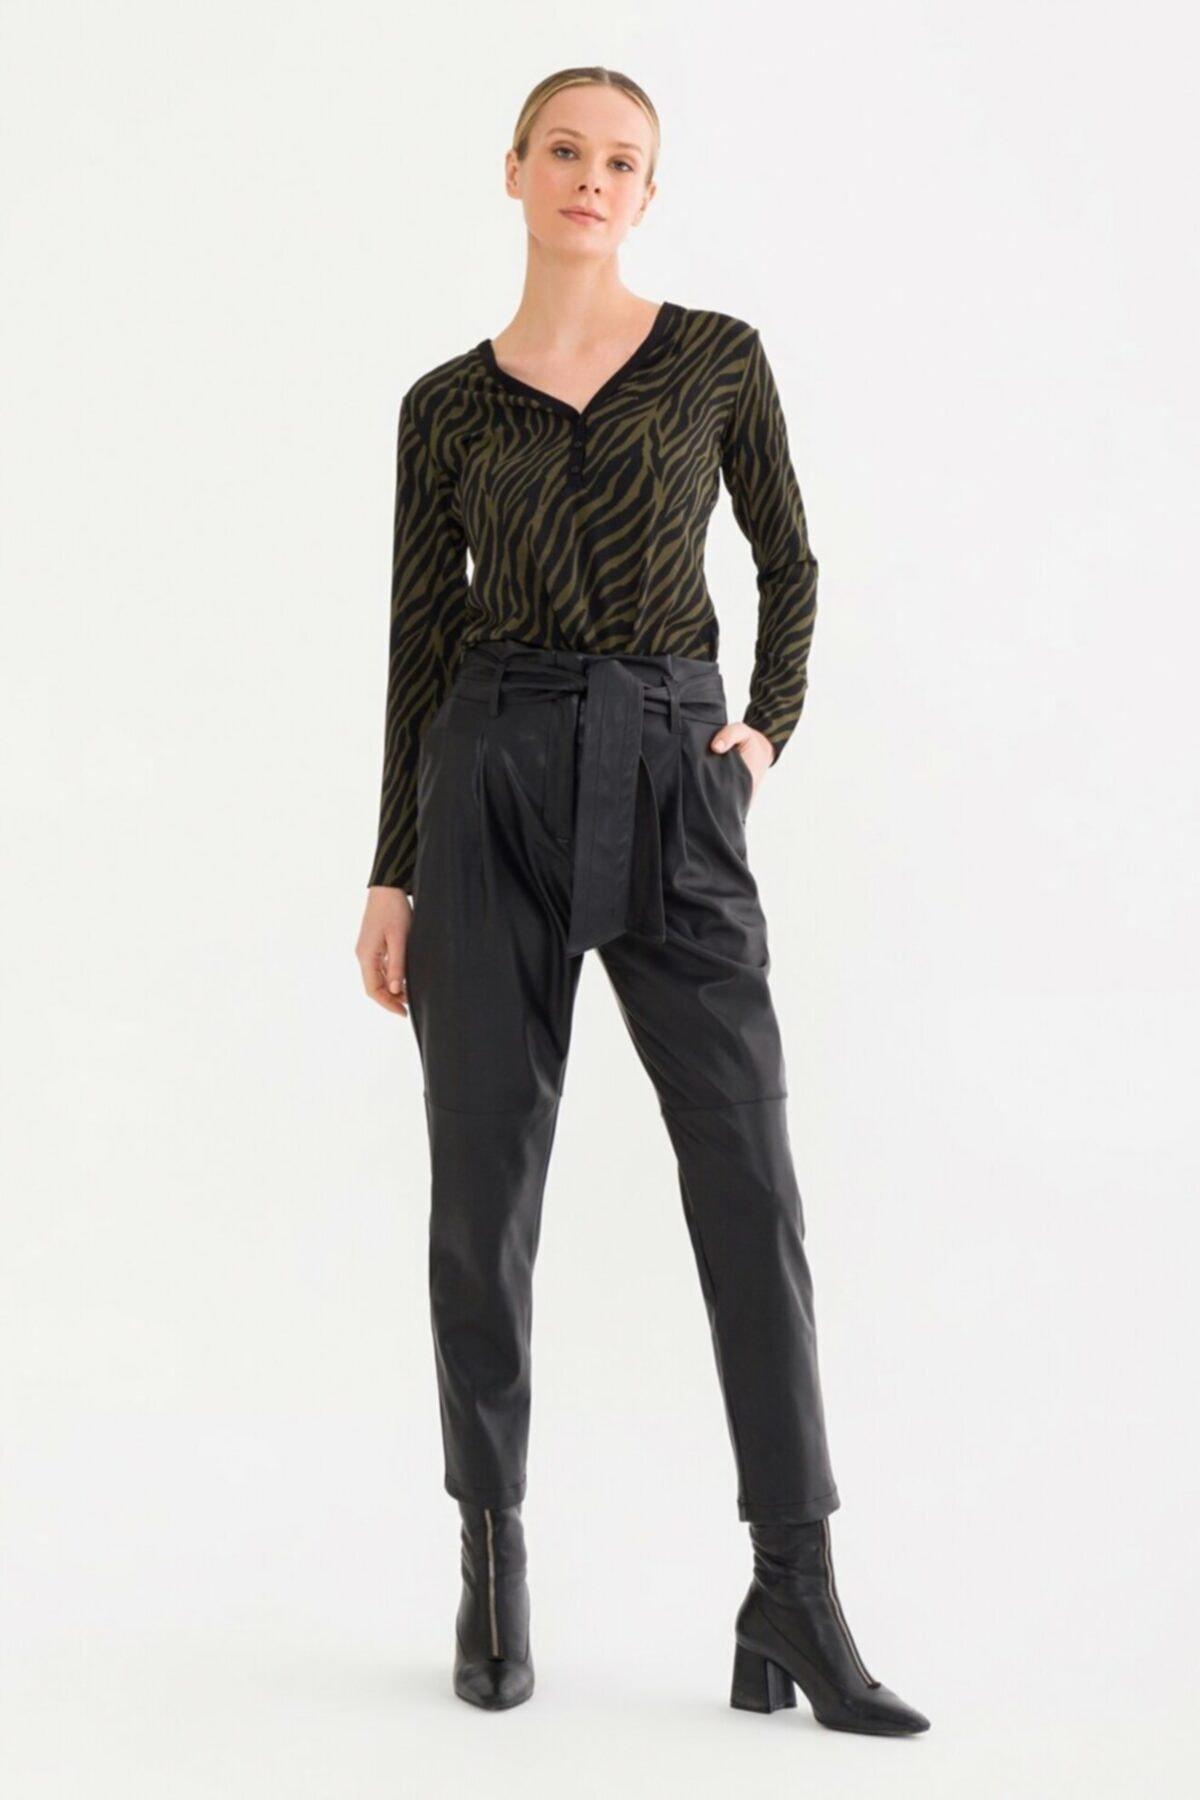 adL Kadın Siyah Yüksek Bel Pantolon 15337412000001 1